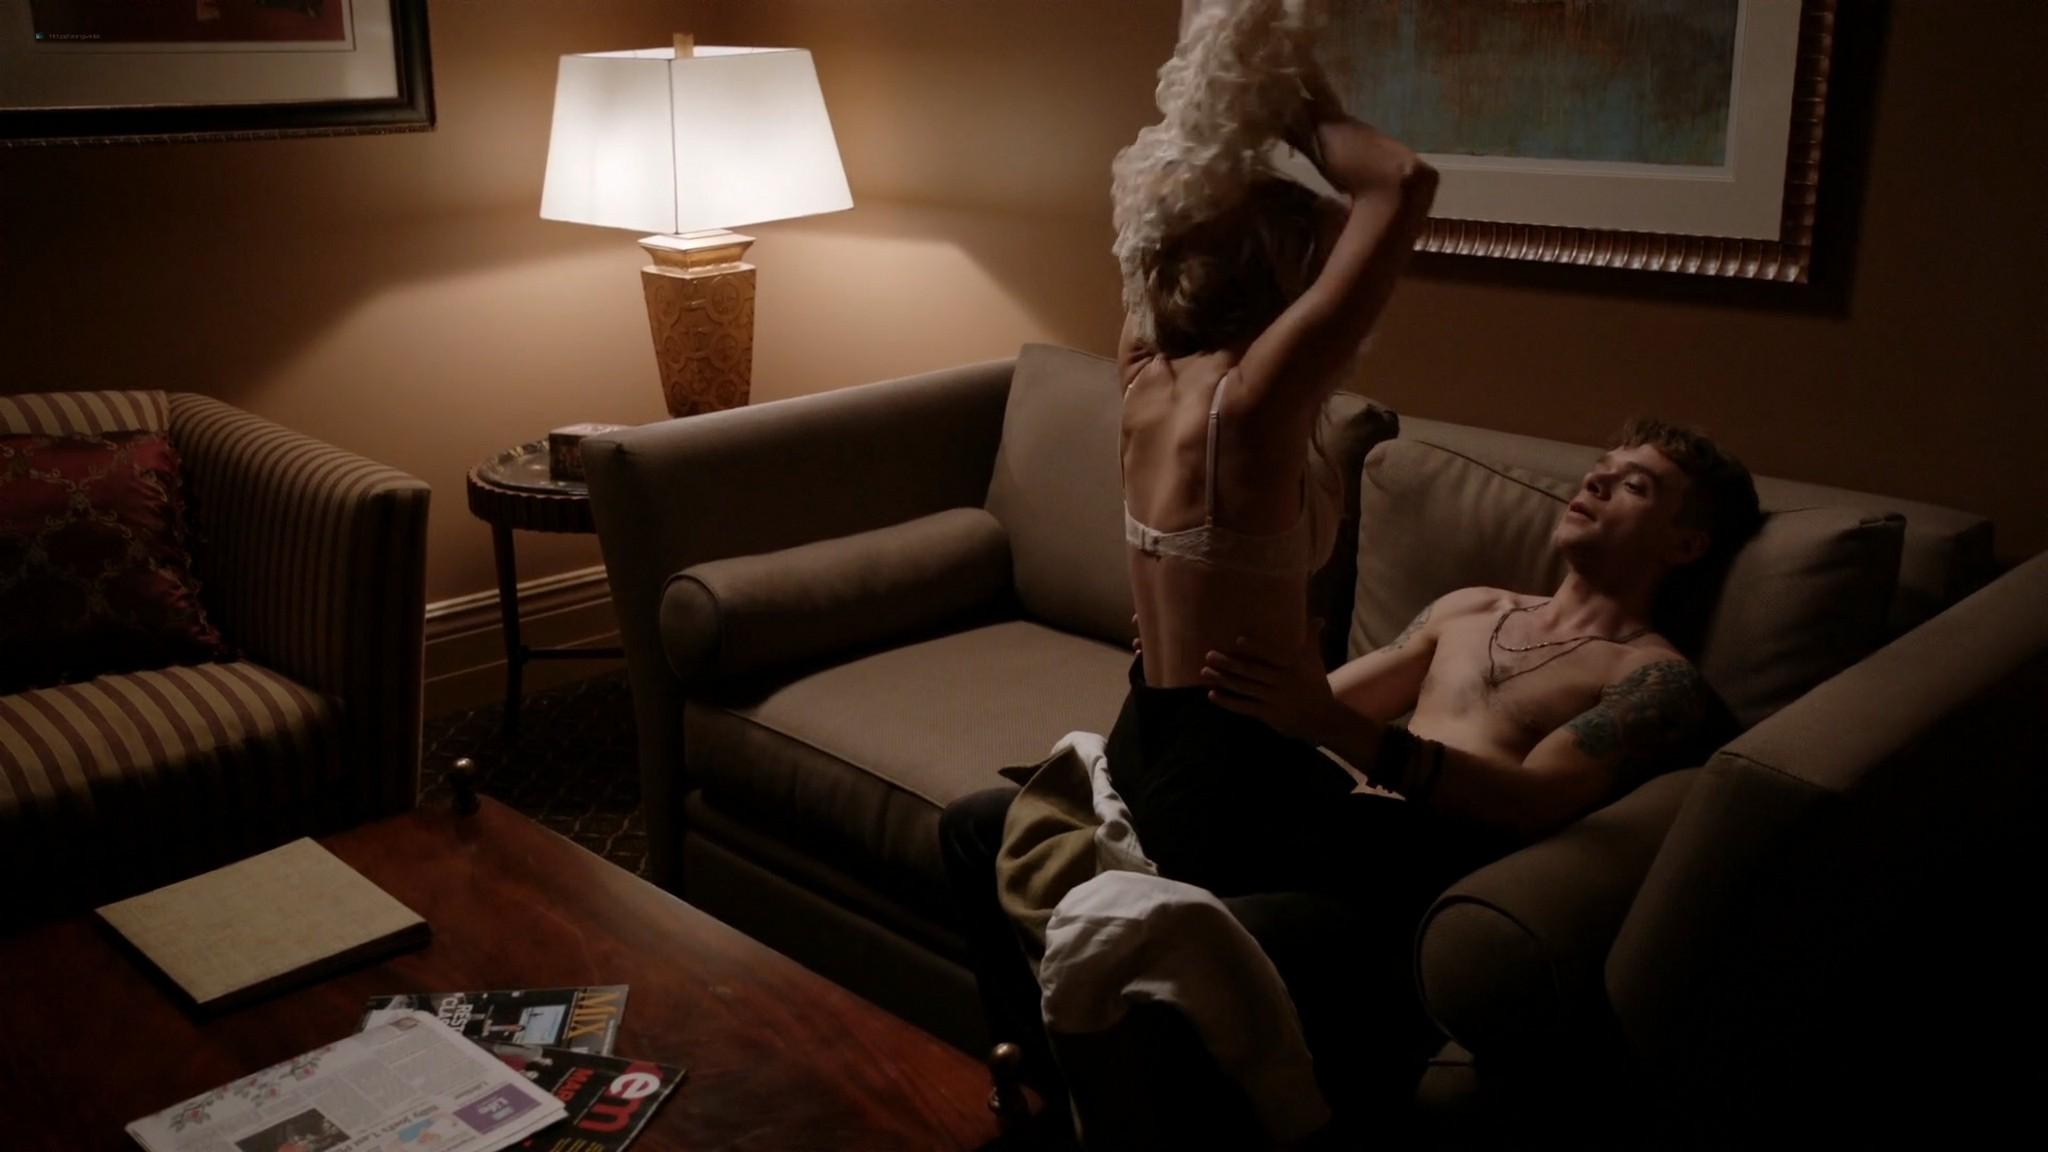 Kristen Bell hot sex Amy Landecker nude boobs House of Lies 2012 s1e3 4 1080p Web 4